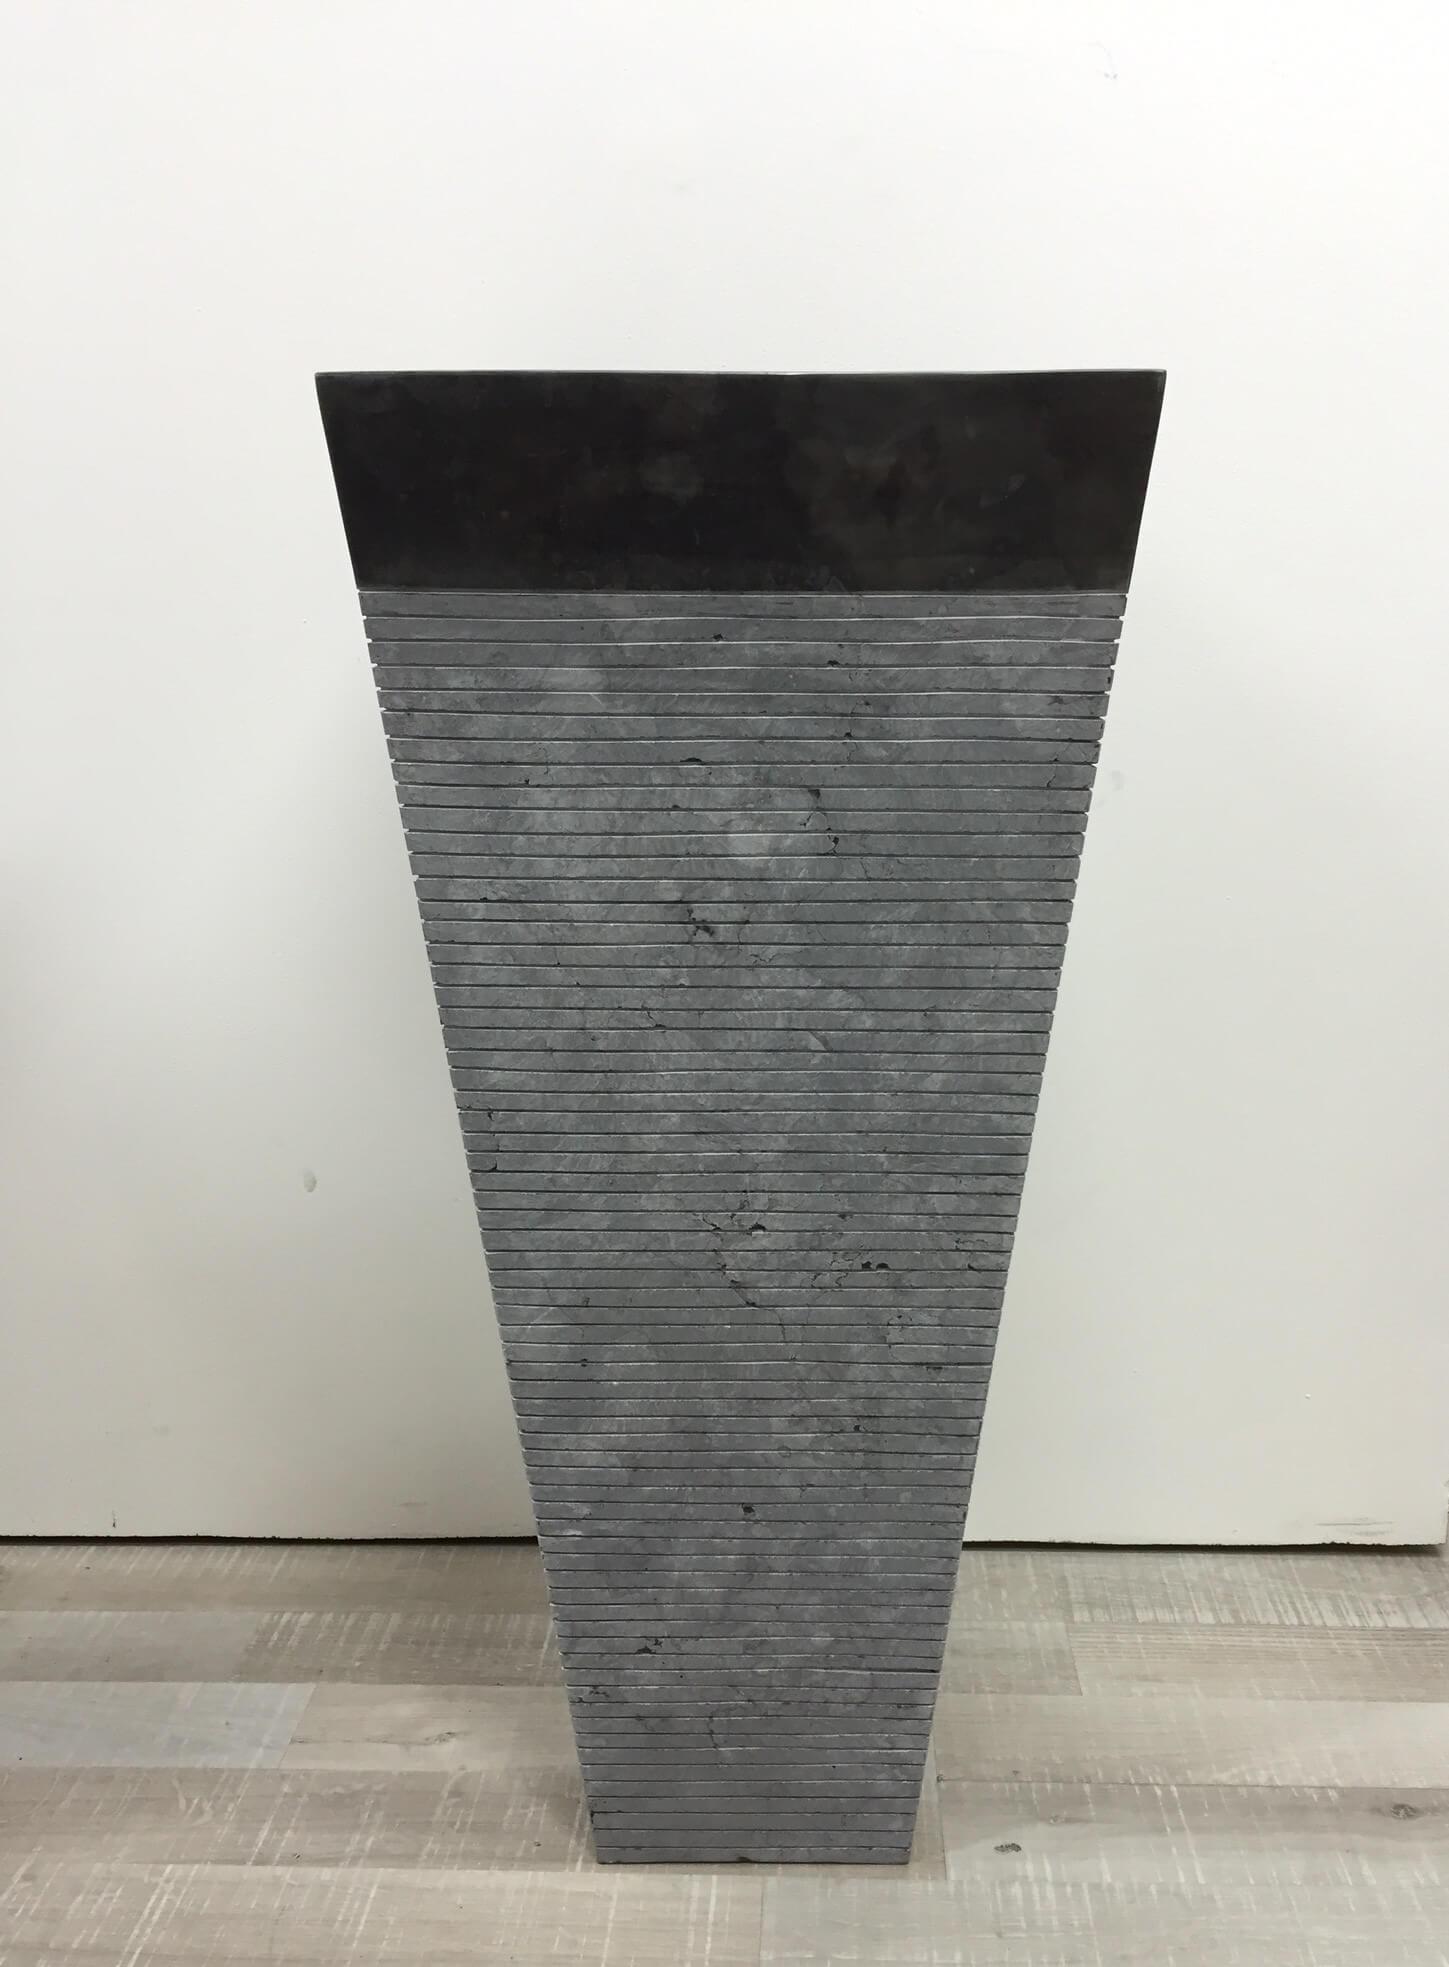 Neuf vasque salle de bain sur pied en pierre carr guizeh noir mat ebay - Vasque sur pied design ...